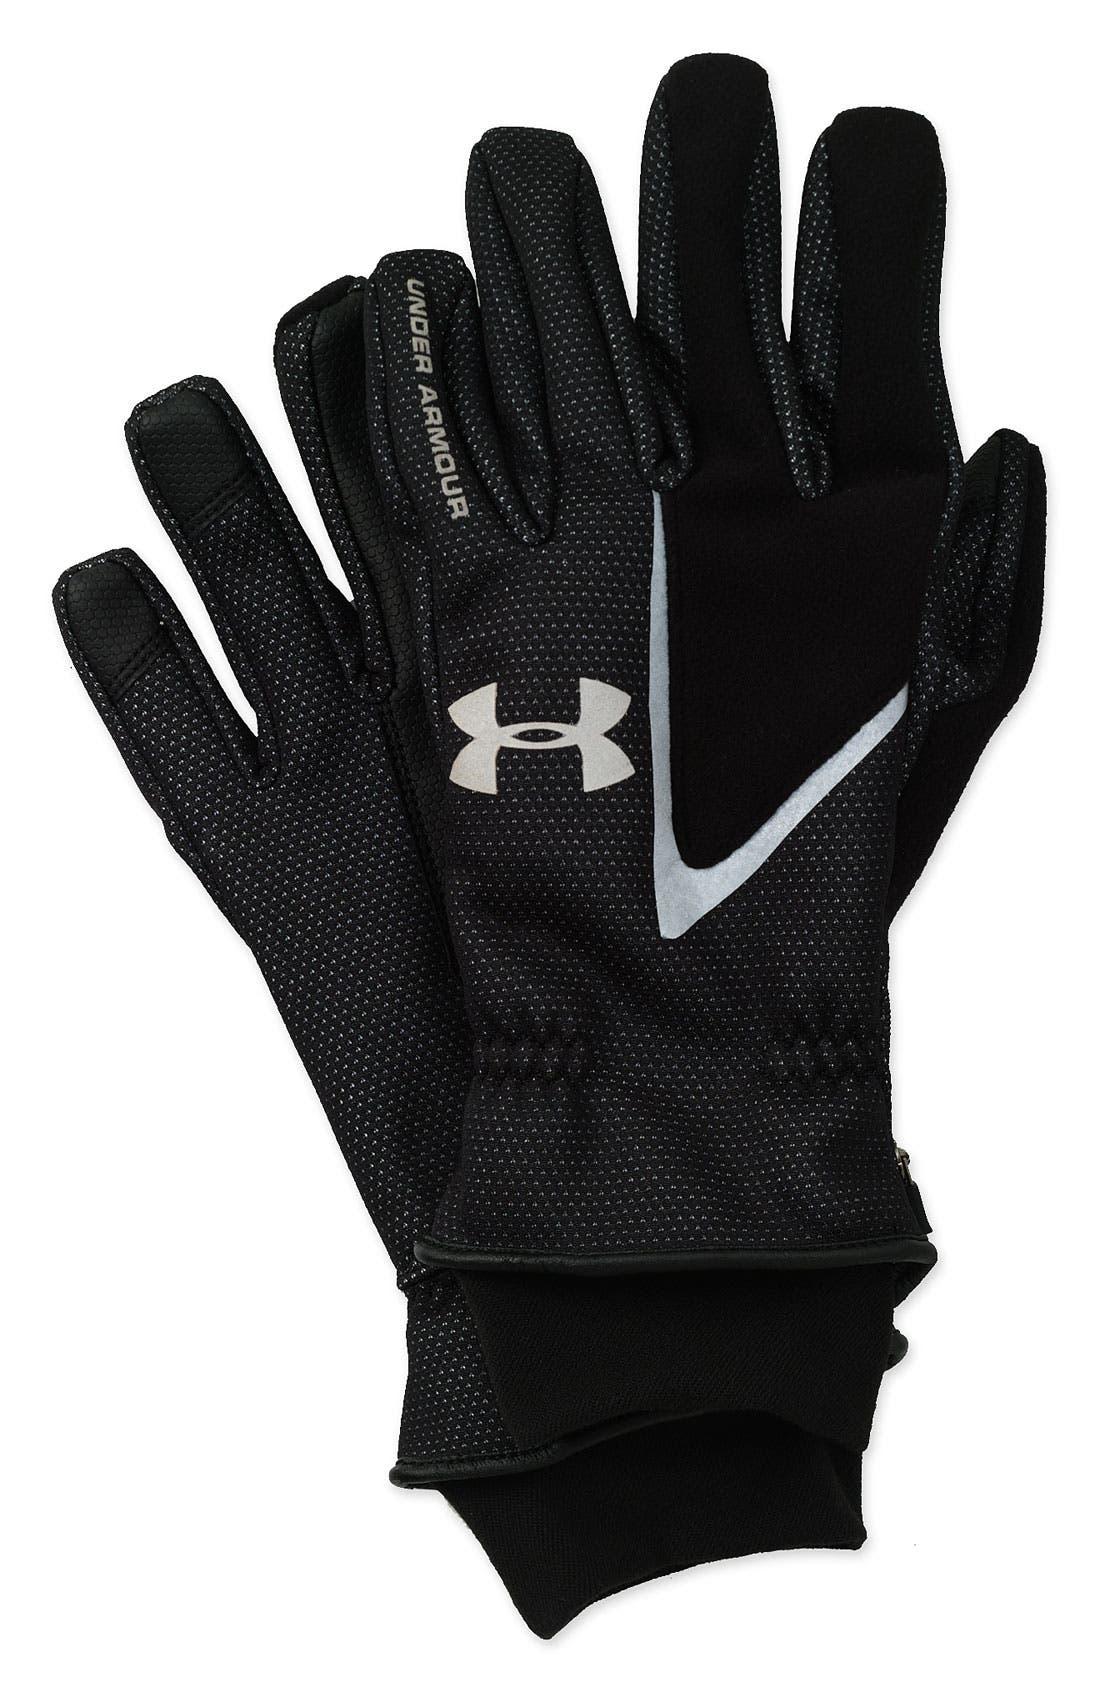 Alternate Image 1 Selected - Under Armour Key Pocket ColdGear® Gloves